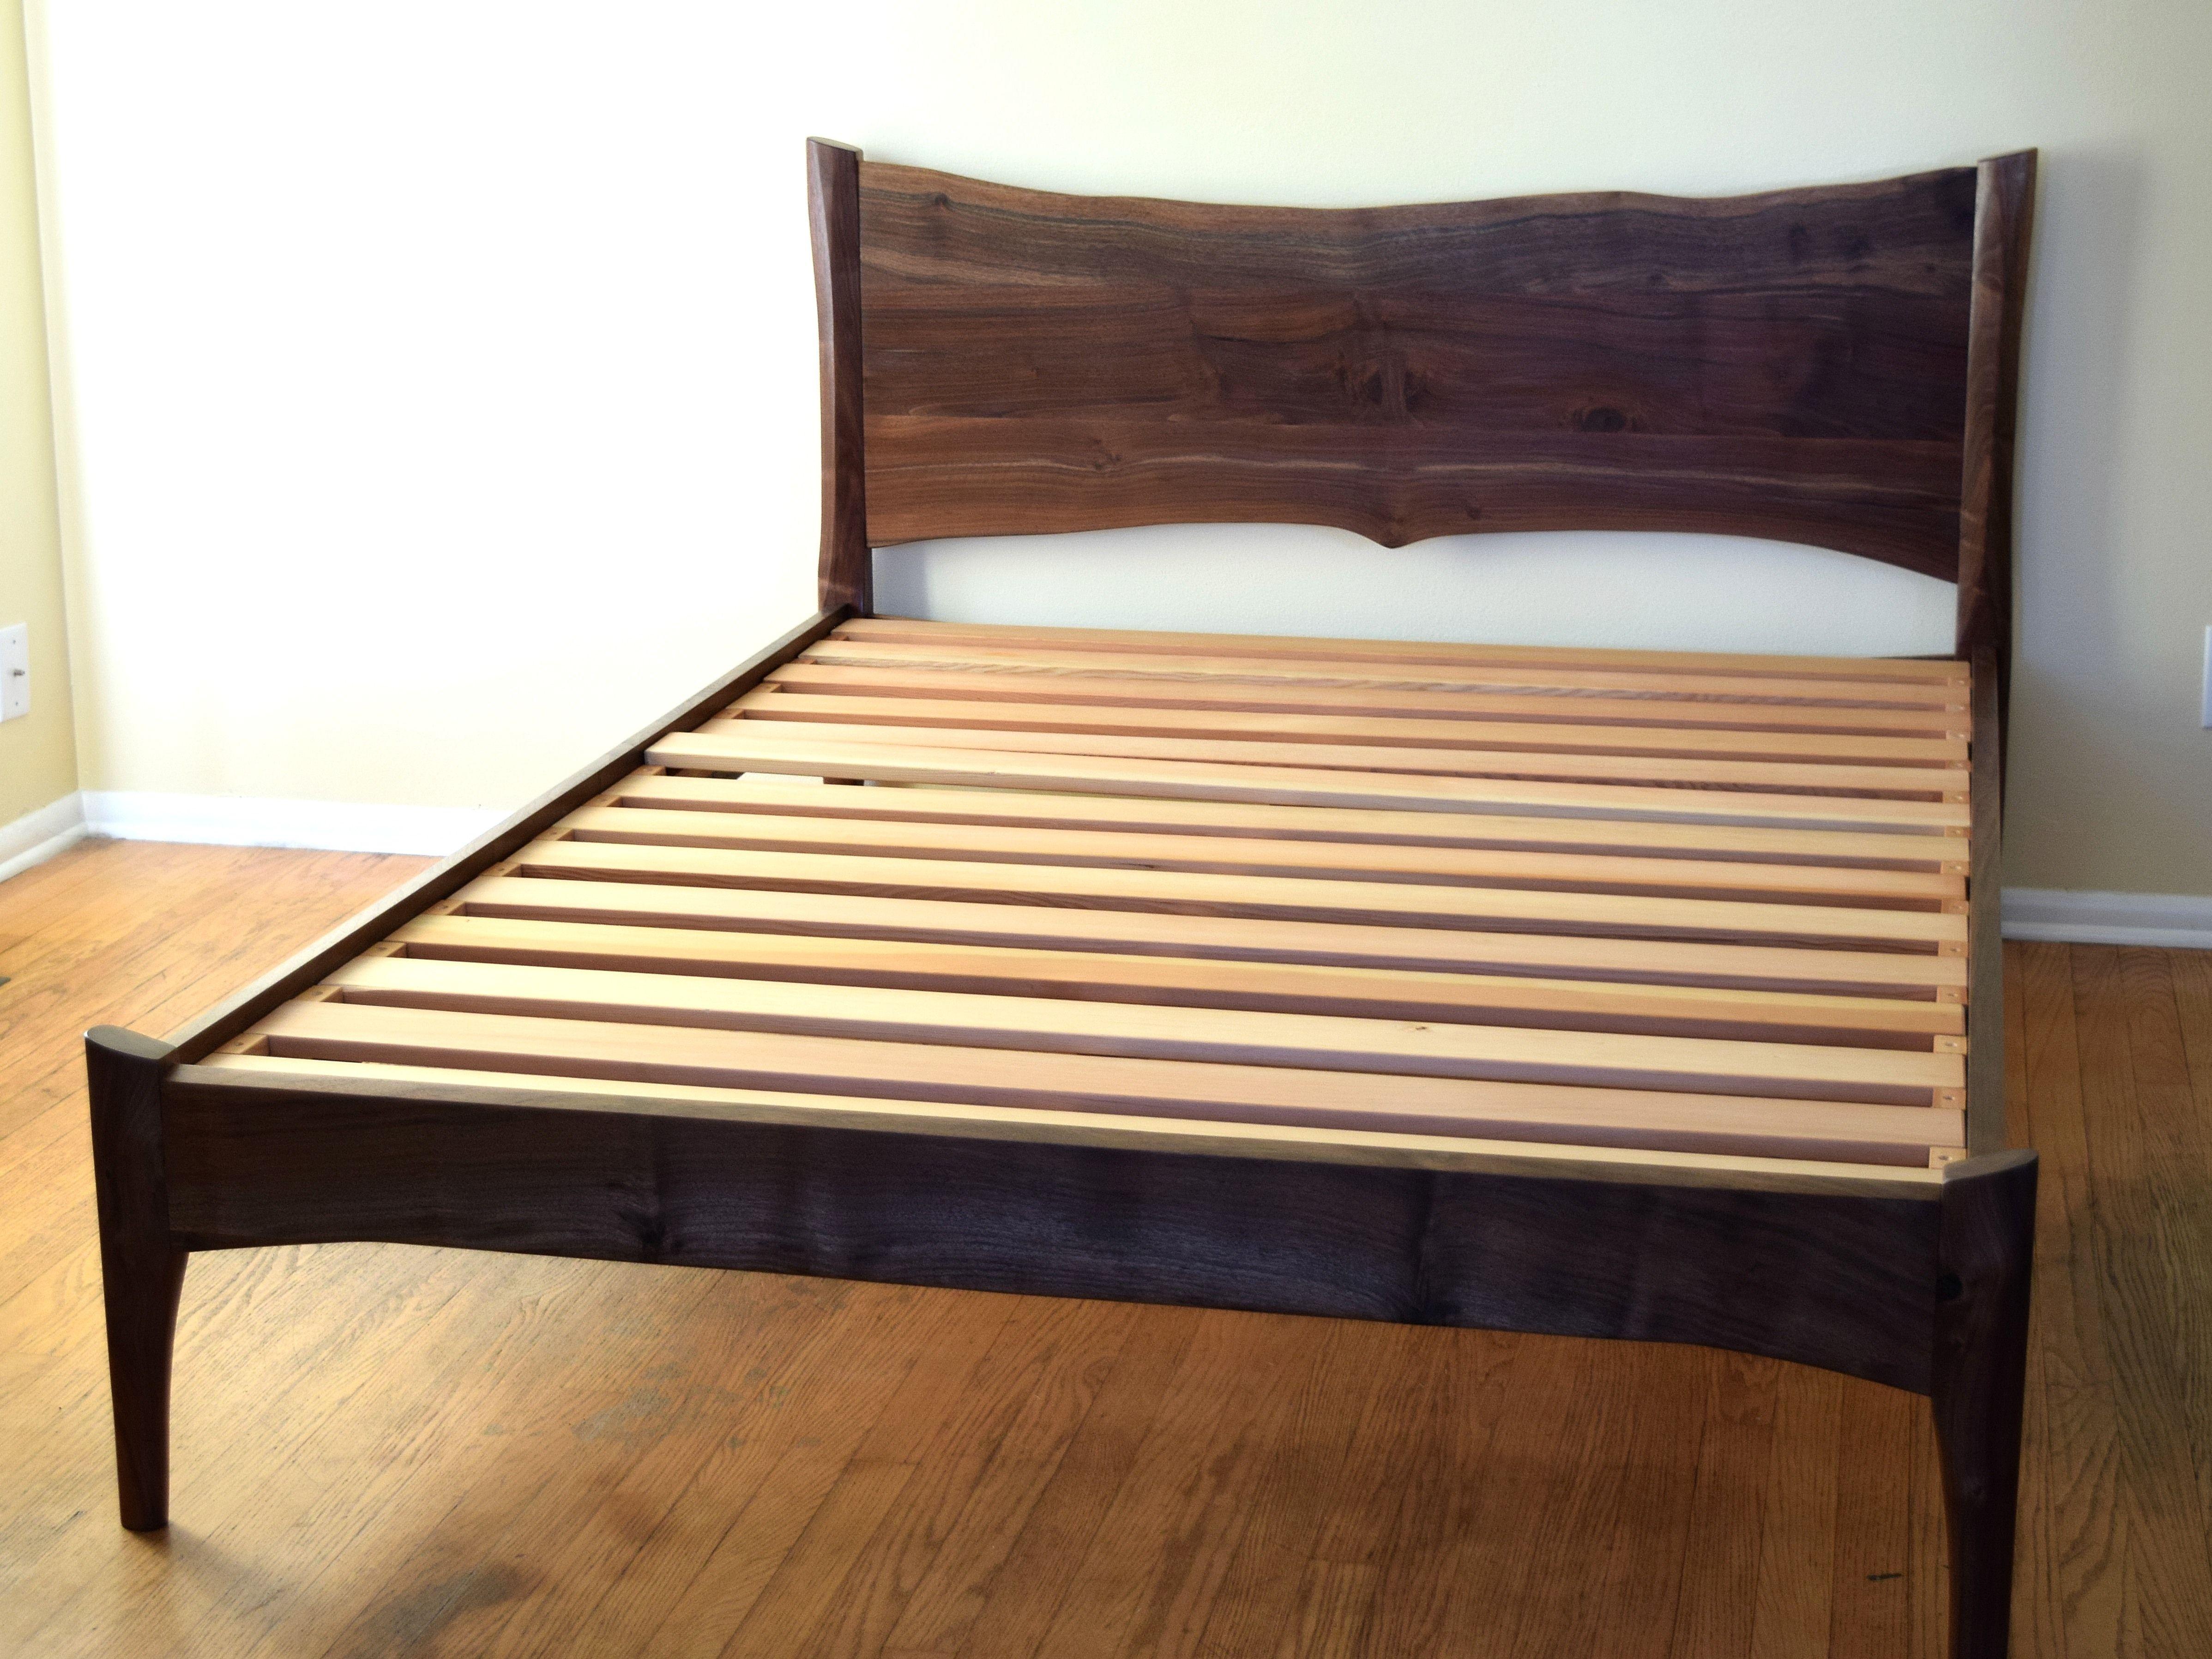 Bed Frame Maker Singapore